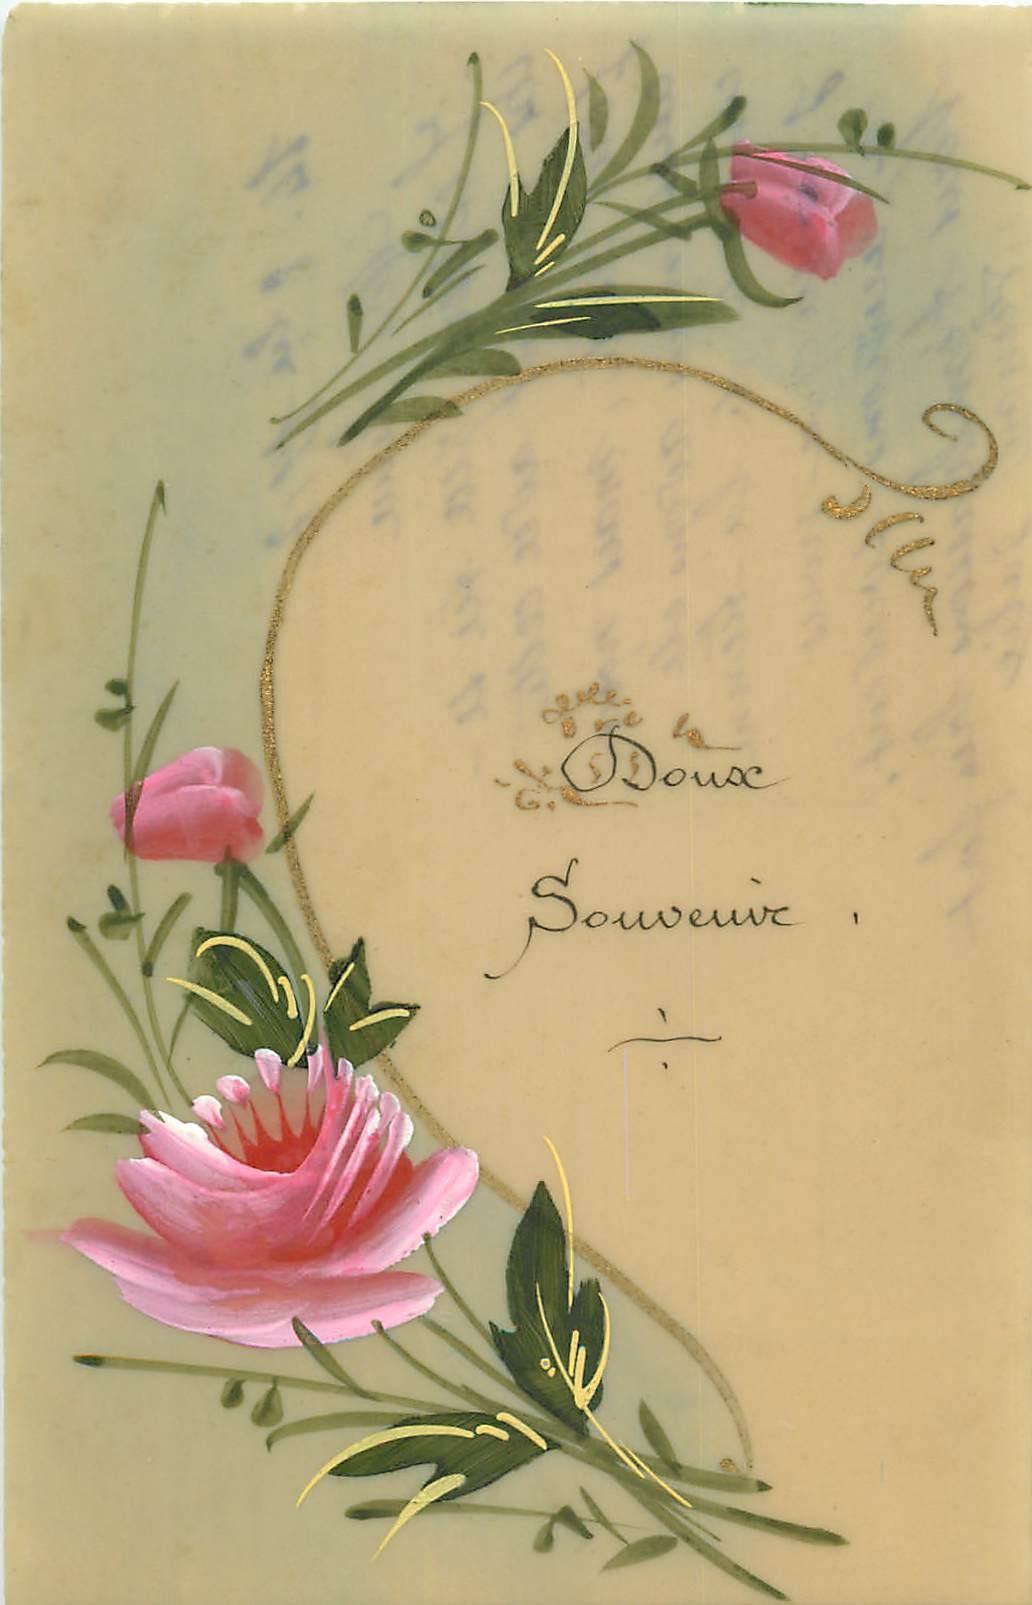 Jardin Fleur Best Of Fleurs Doux souvenir Roses Peintes  La Main Sur Cellulo¯d 1917 Of 42 Charmant Jardin Fleur